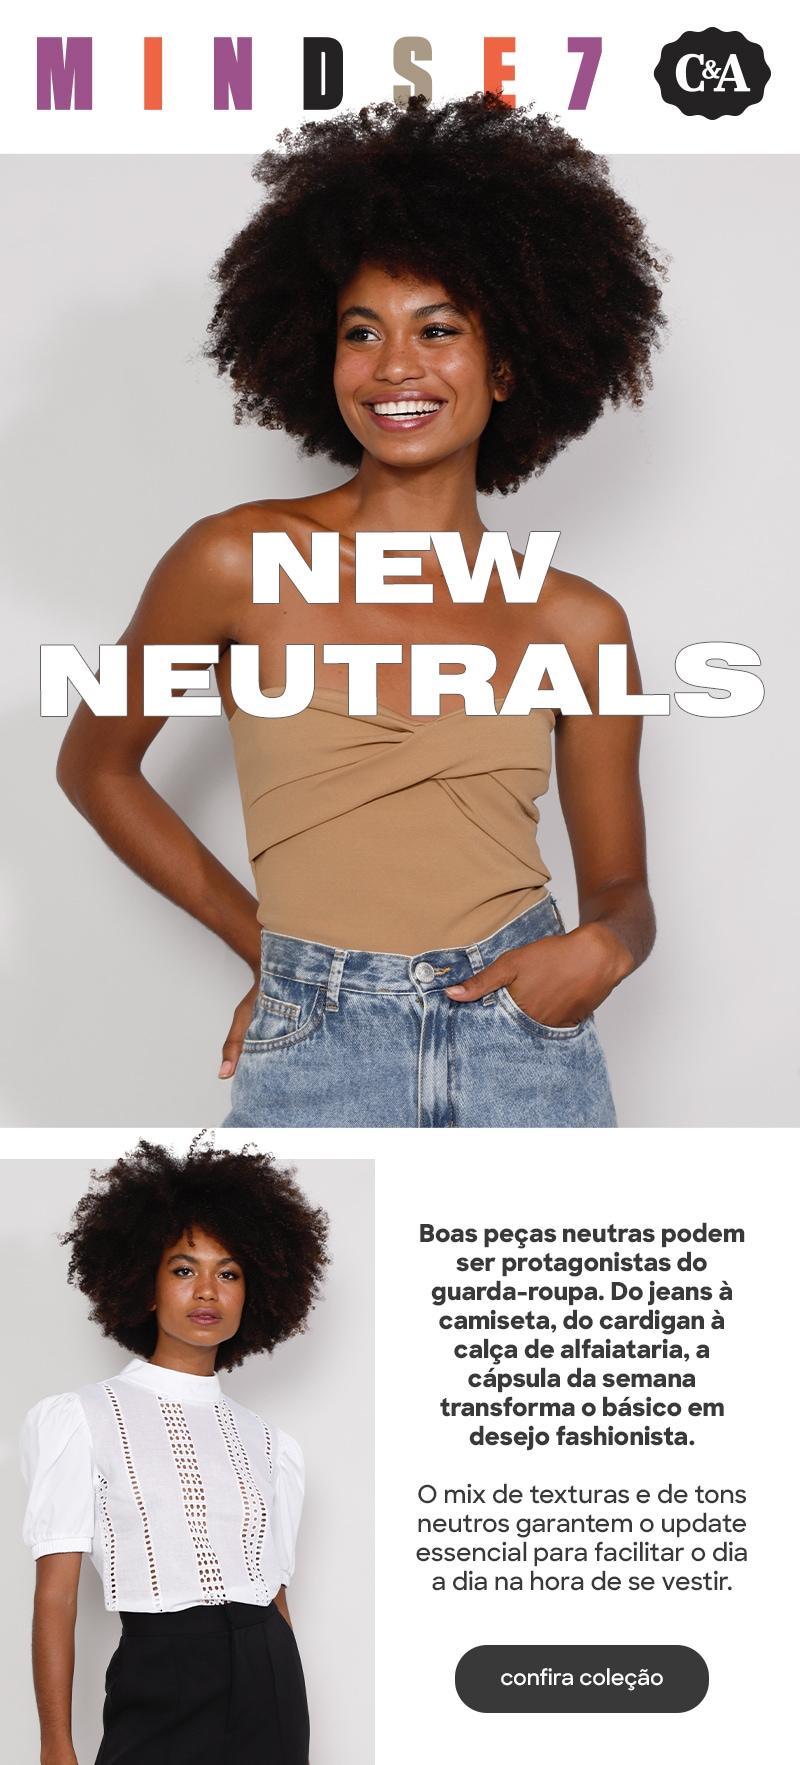 New Neutrals: Boas peças neutras podem ser protagonistas do guarda-roupa. Do jeans à camiseta, do cardigan à calça de alfaiataria, a cápsula da semana transforma o básico em desejo fashionista.